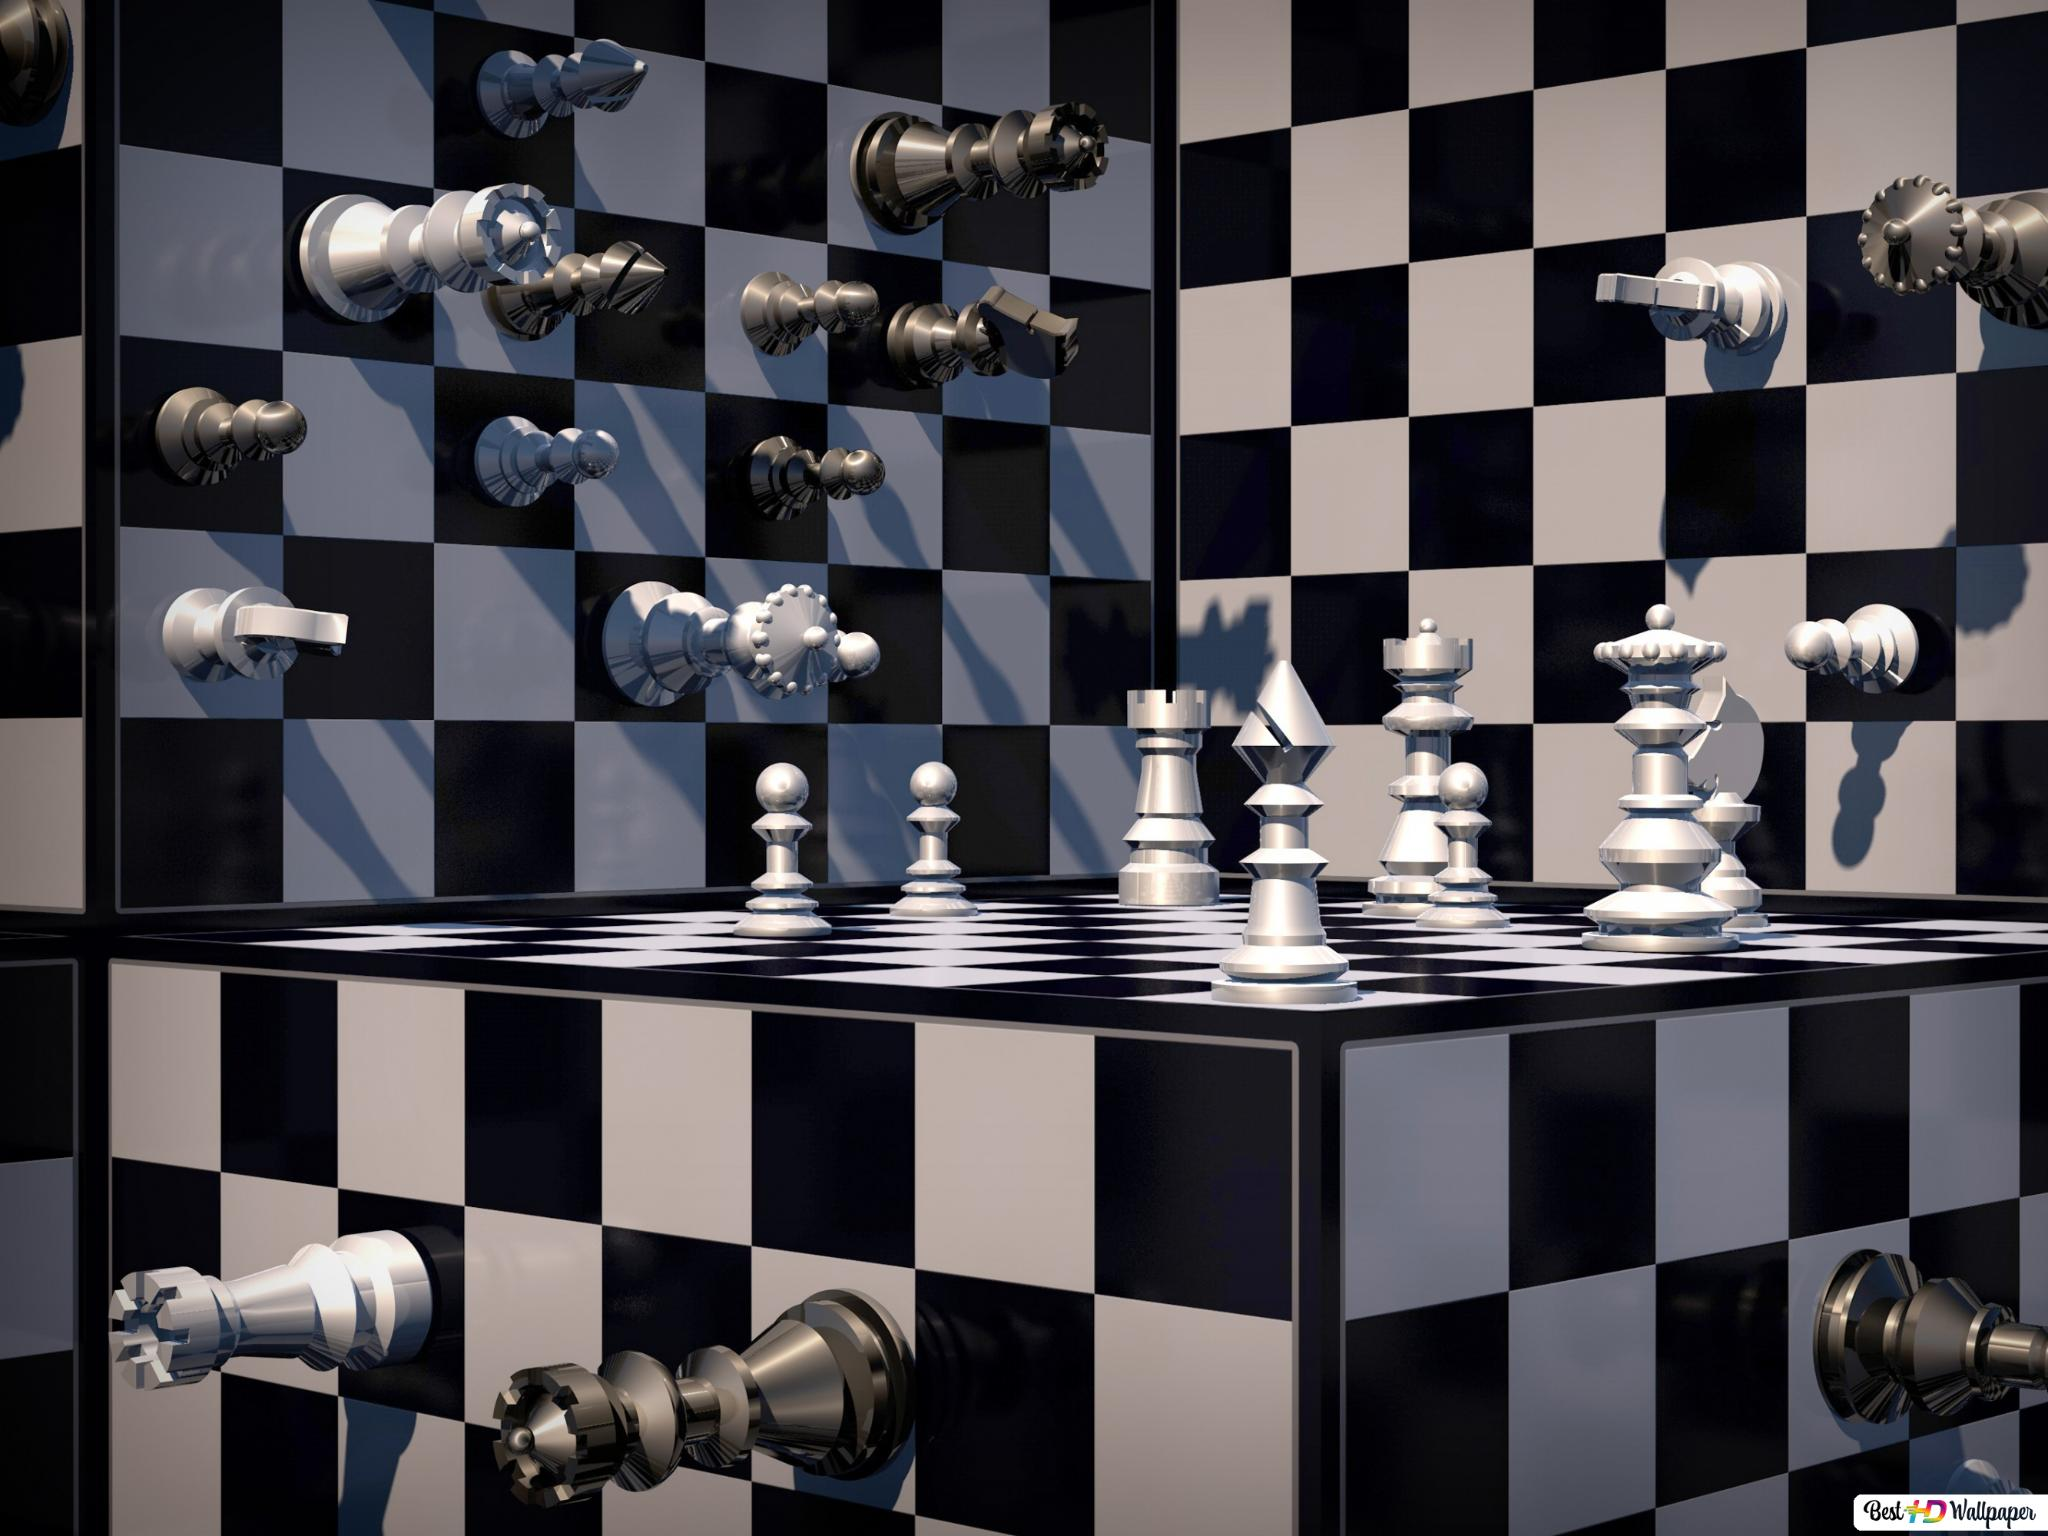 抽象チェス Hd壁紙のダウンロード